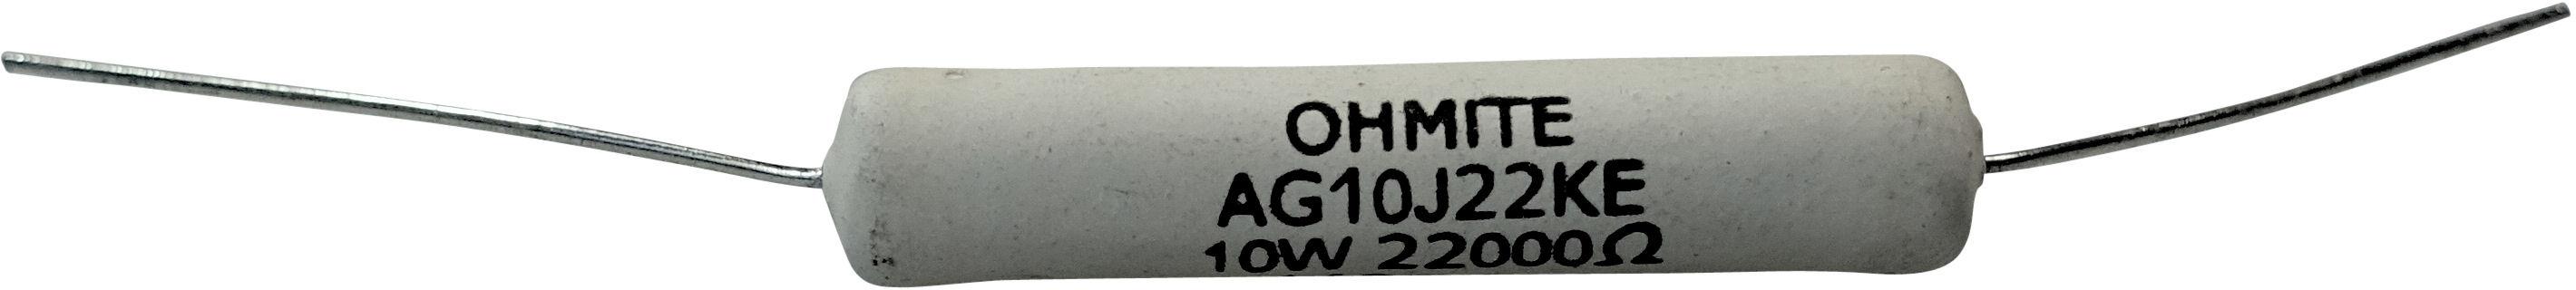 Ohmite Audio Gold 10W - 27 Ohm